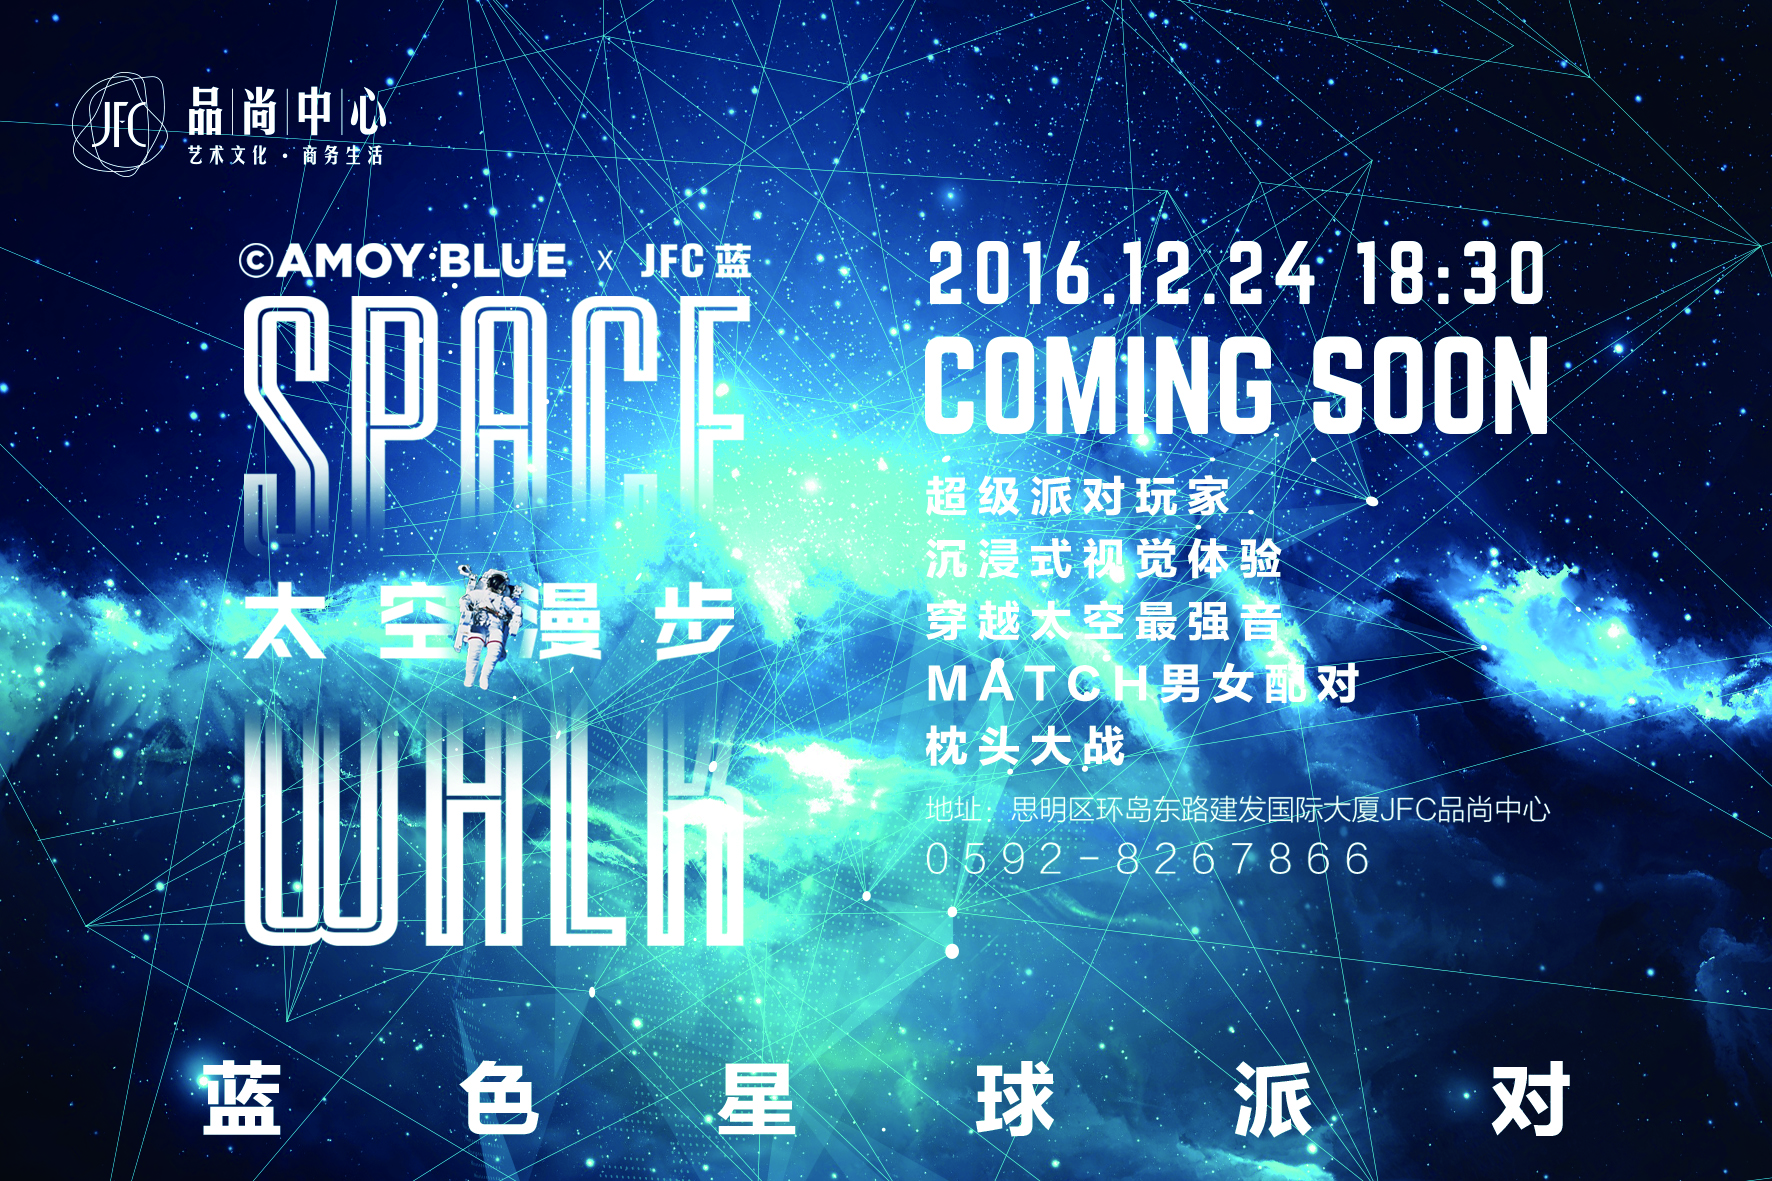 JFC蓝色星球派对